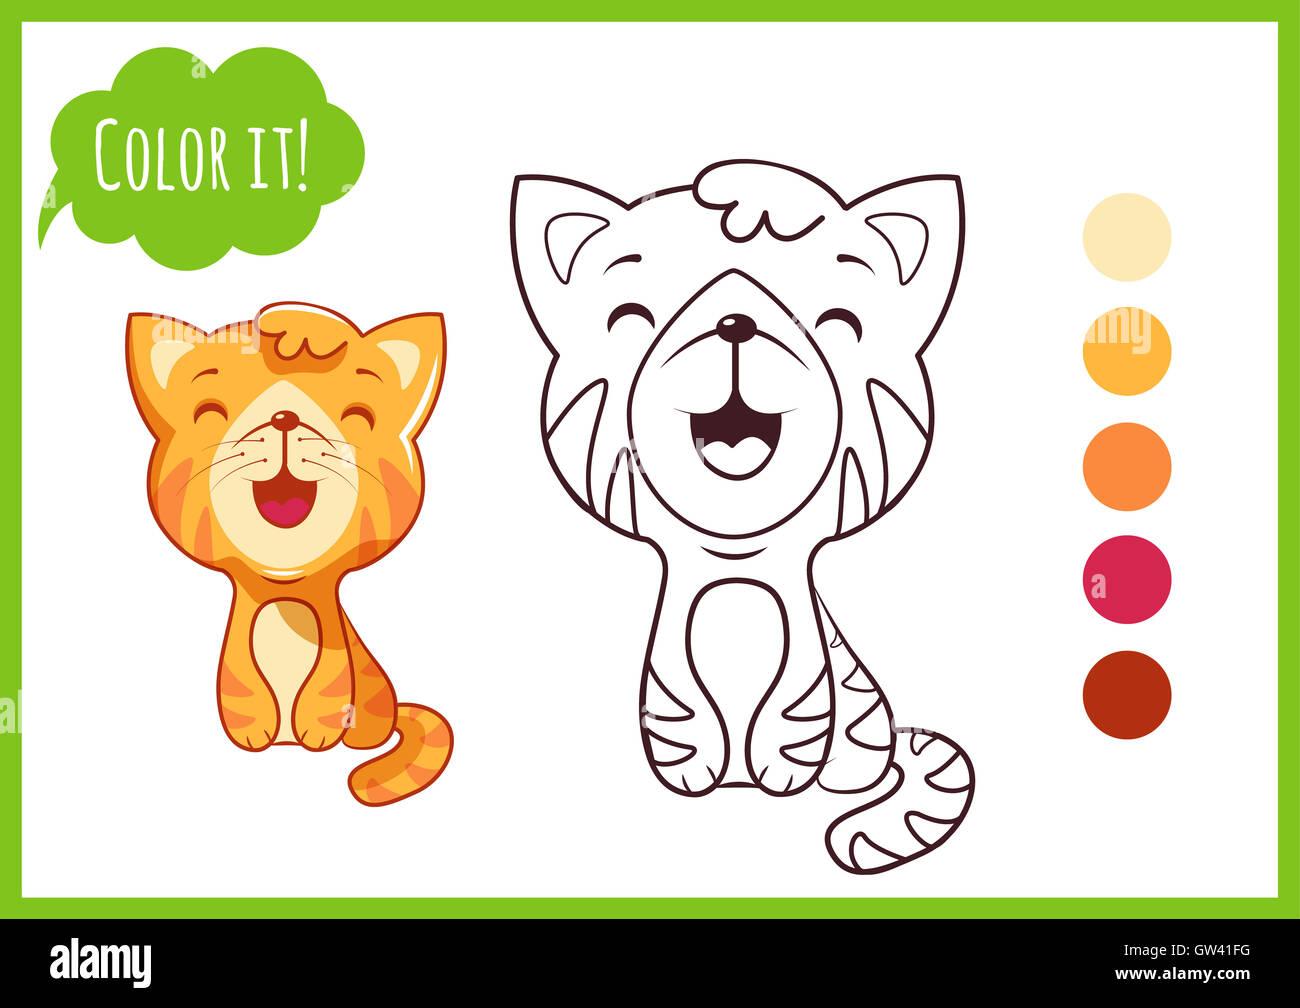 Children Book Character Imágenes De Stock & Children Book Character ...